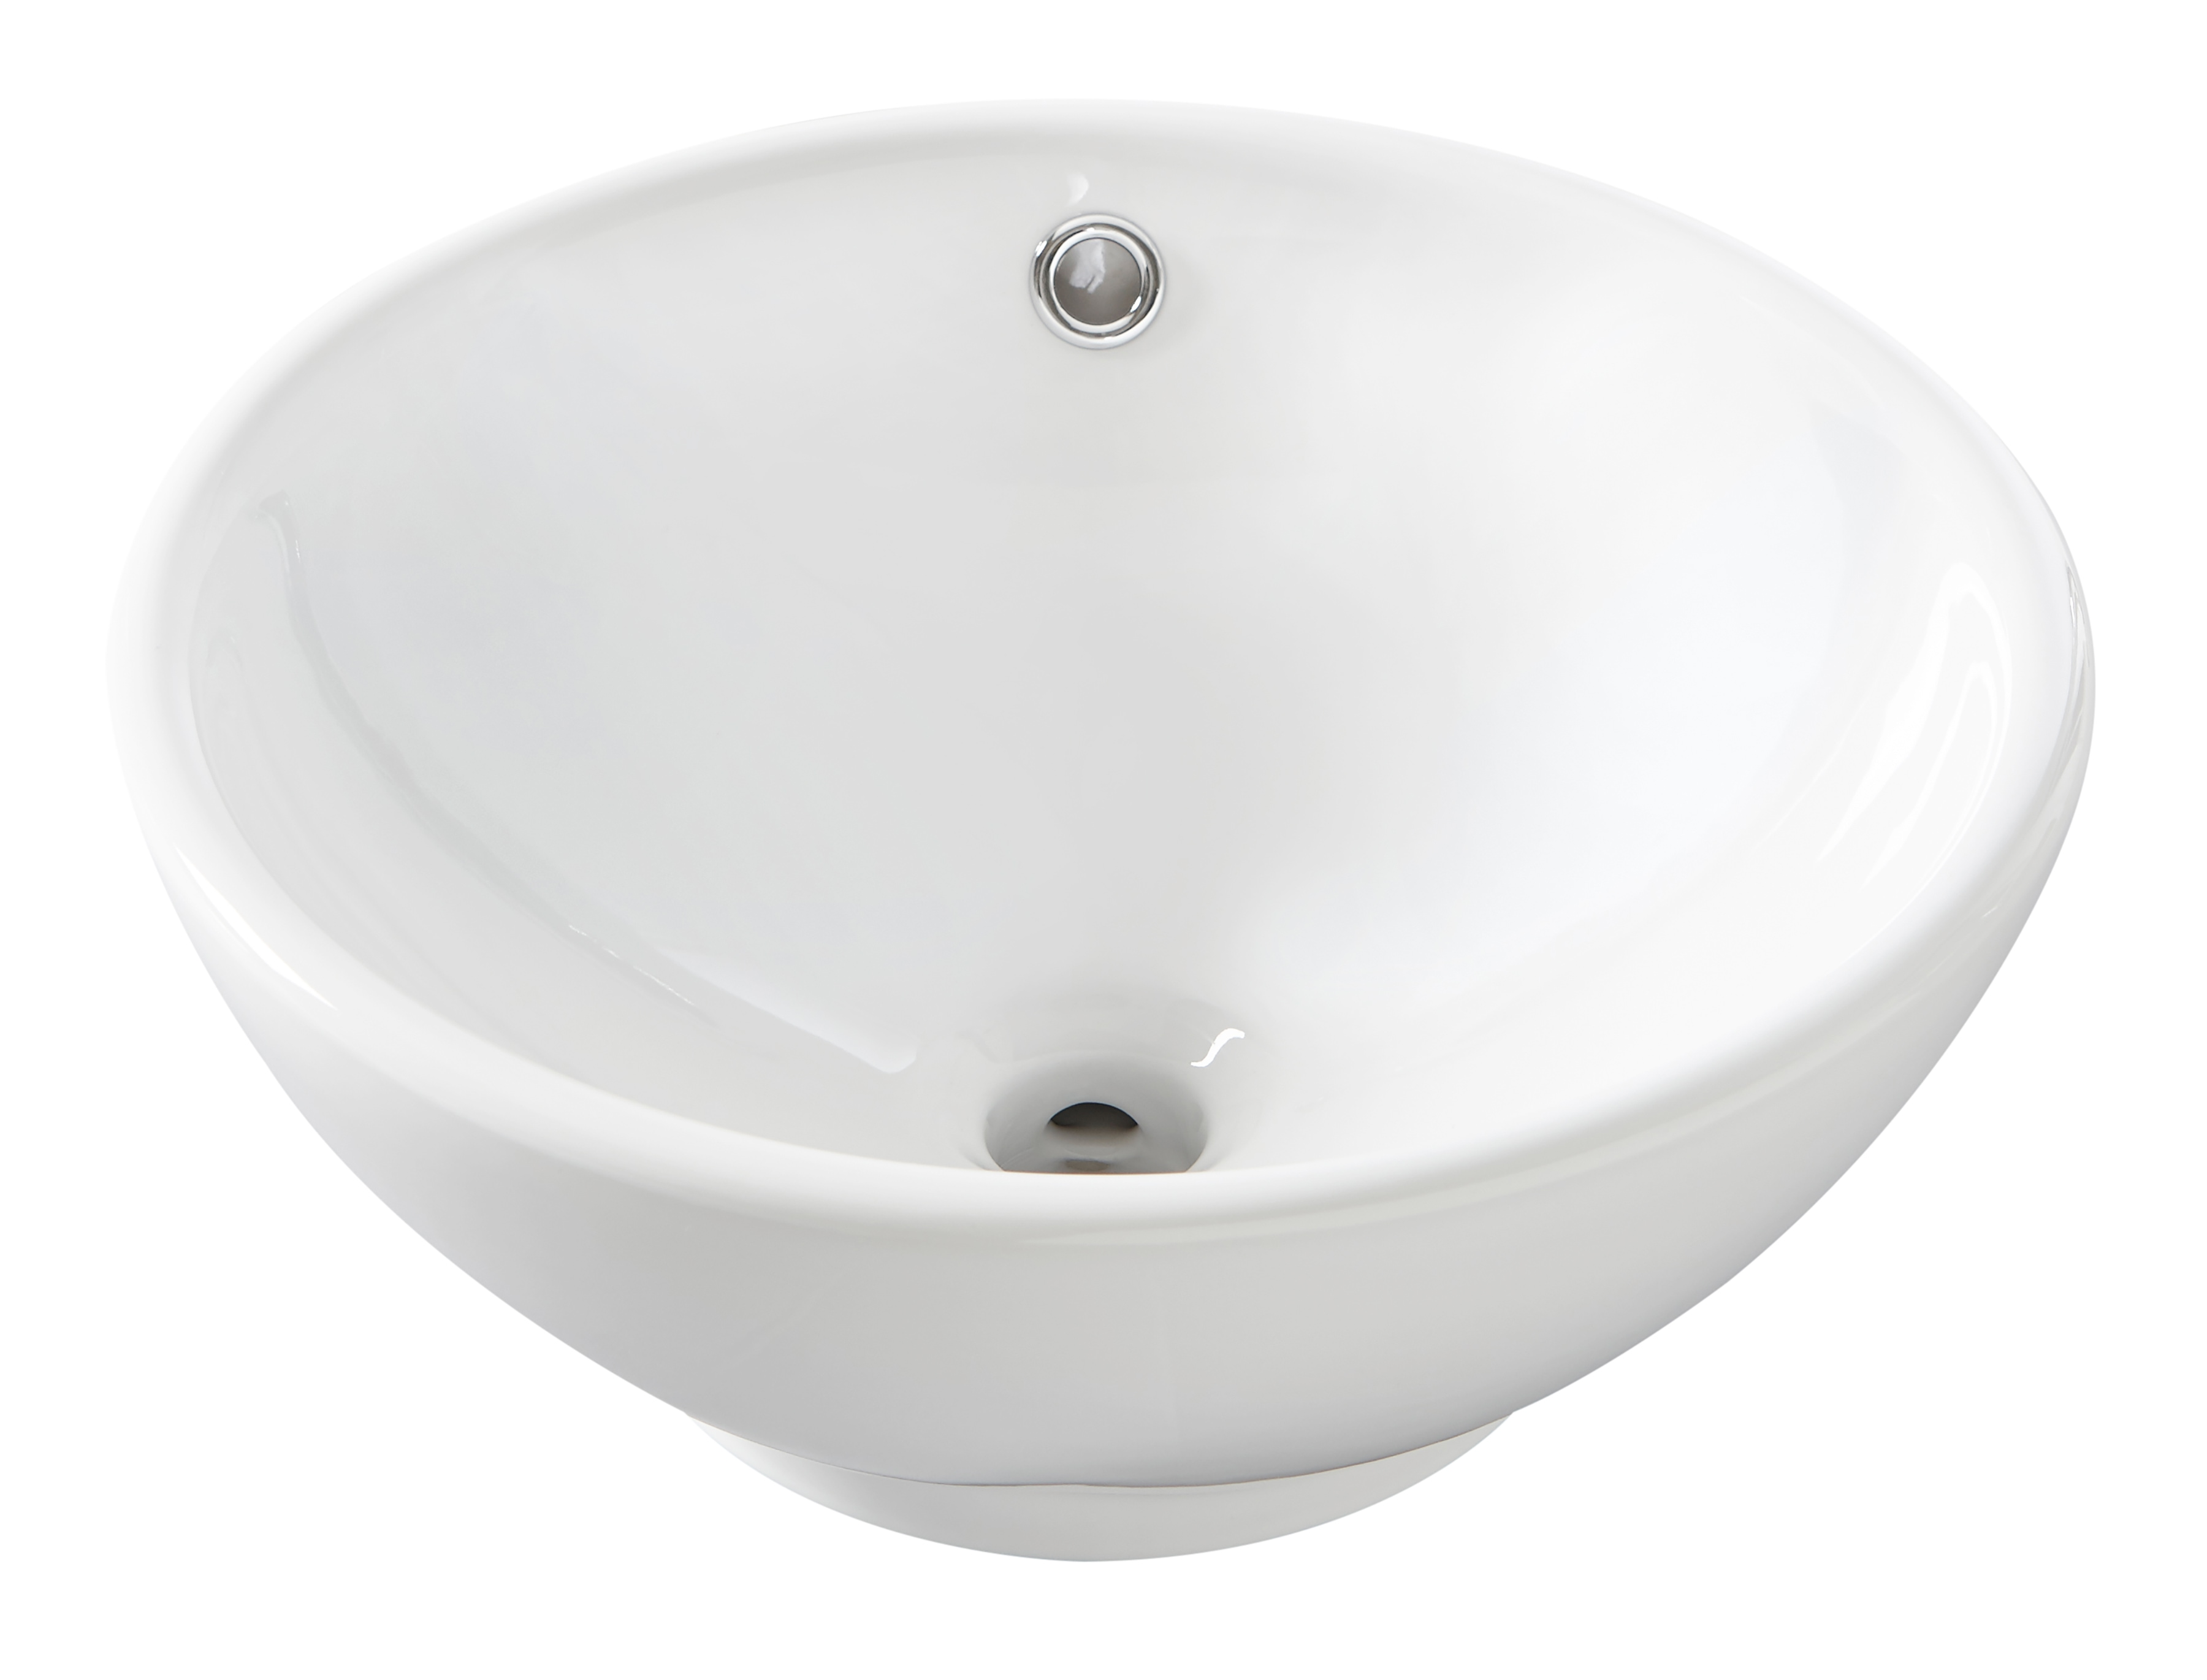 Image of Aufsatz-Waschbecken, rund, 40 cm Durchmesser